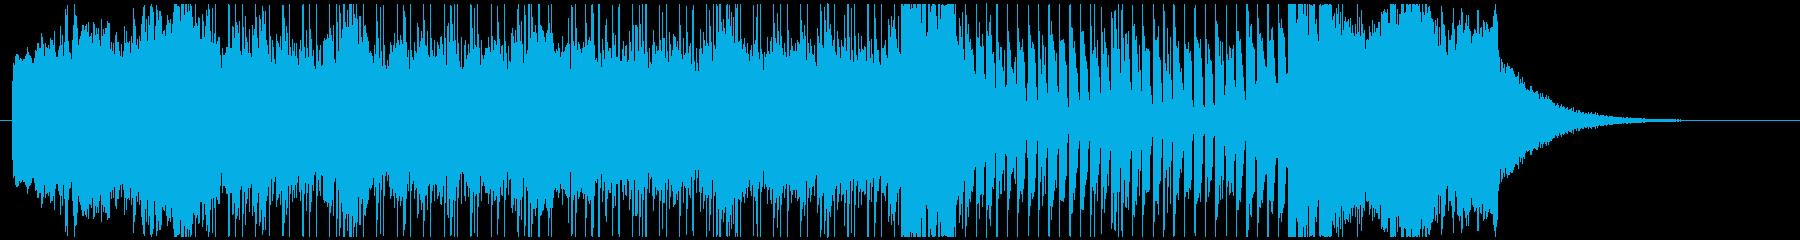 ハモンドオルガンを用いた変則的なプログレの再生済みの波形